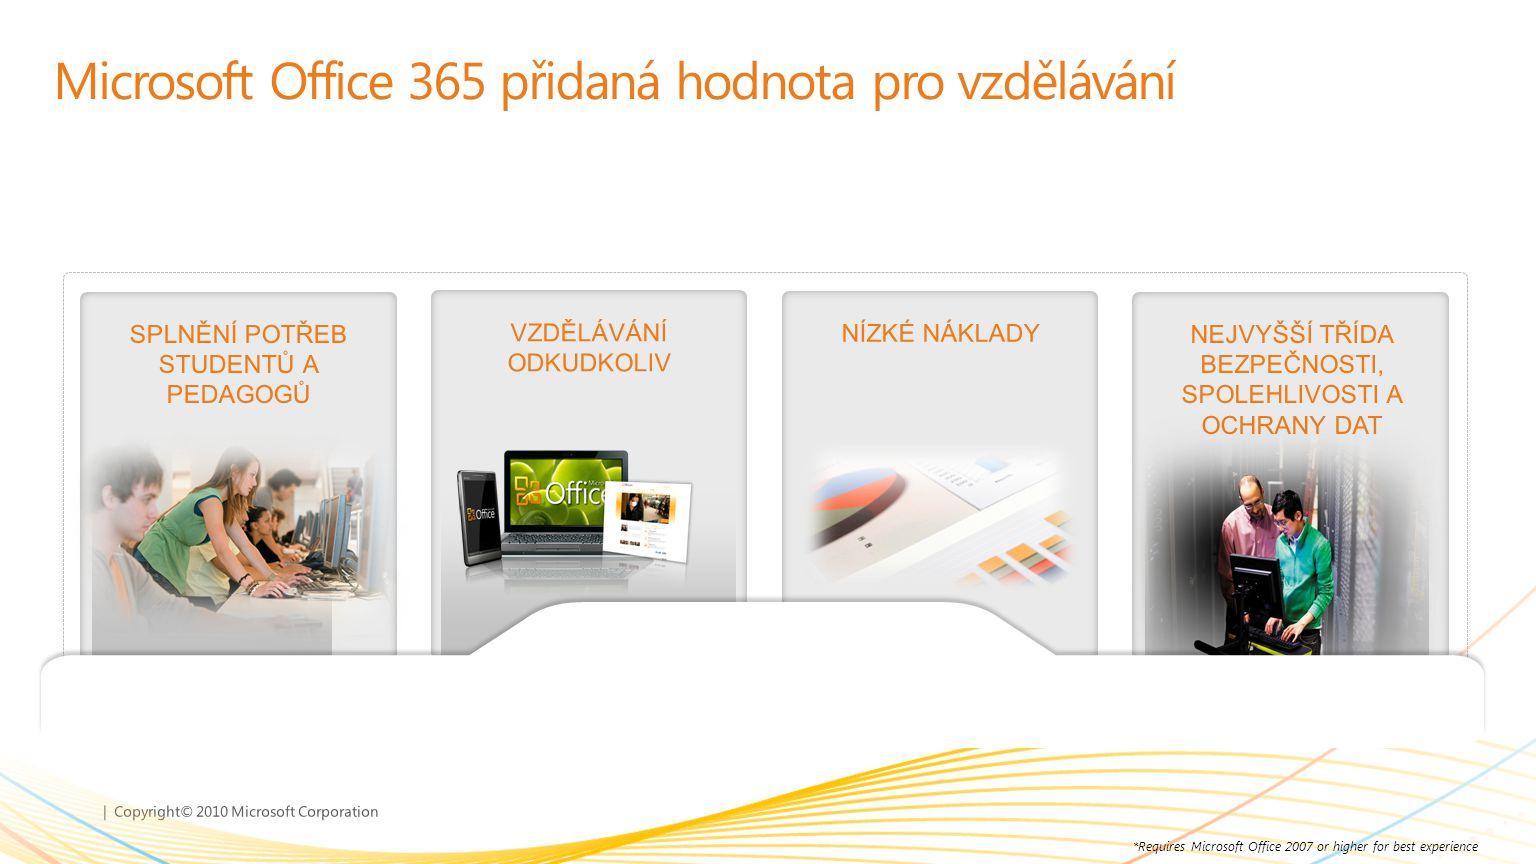 | Copyright© 2010 Microsoft Corporation NÍZKÉ NÁKLADYSPLNĚNÍ POTŘEB STUDENTŮ A PEDAGOGŮ Microsoft Office 365 přidaná hodnota pro vzdělávání VZDĚLÁVÁNÍ